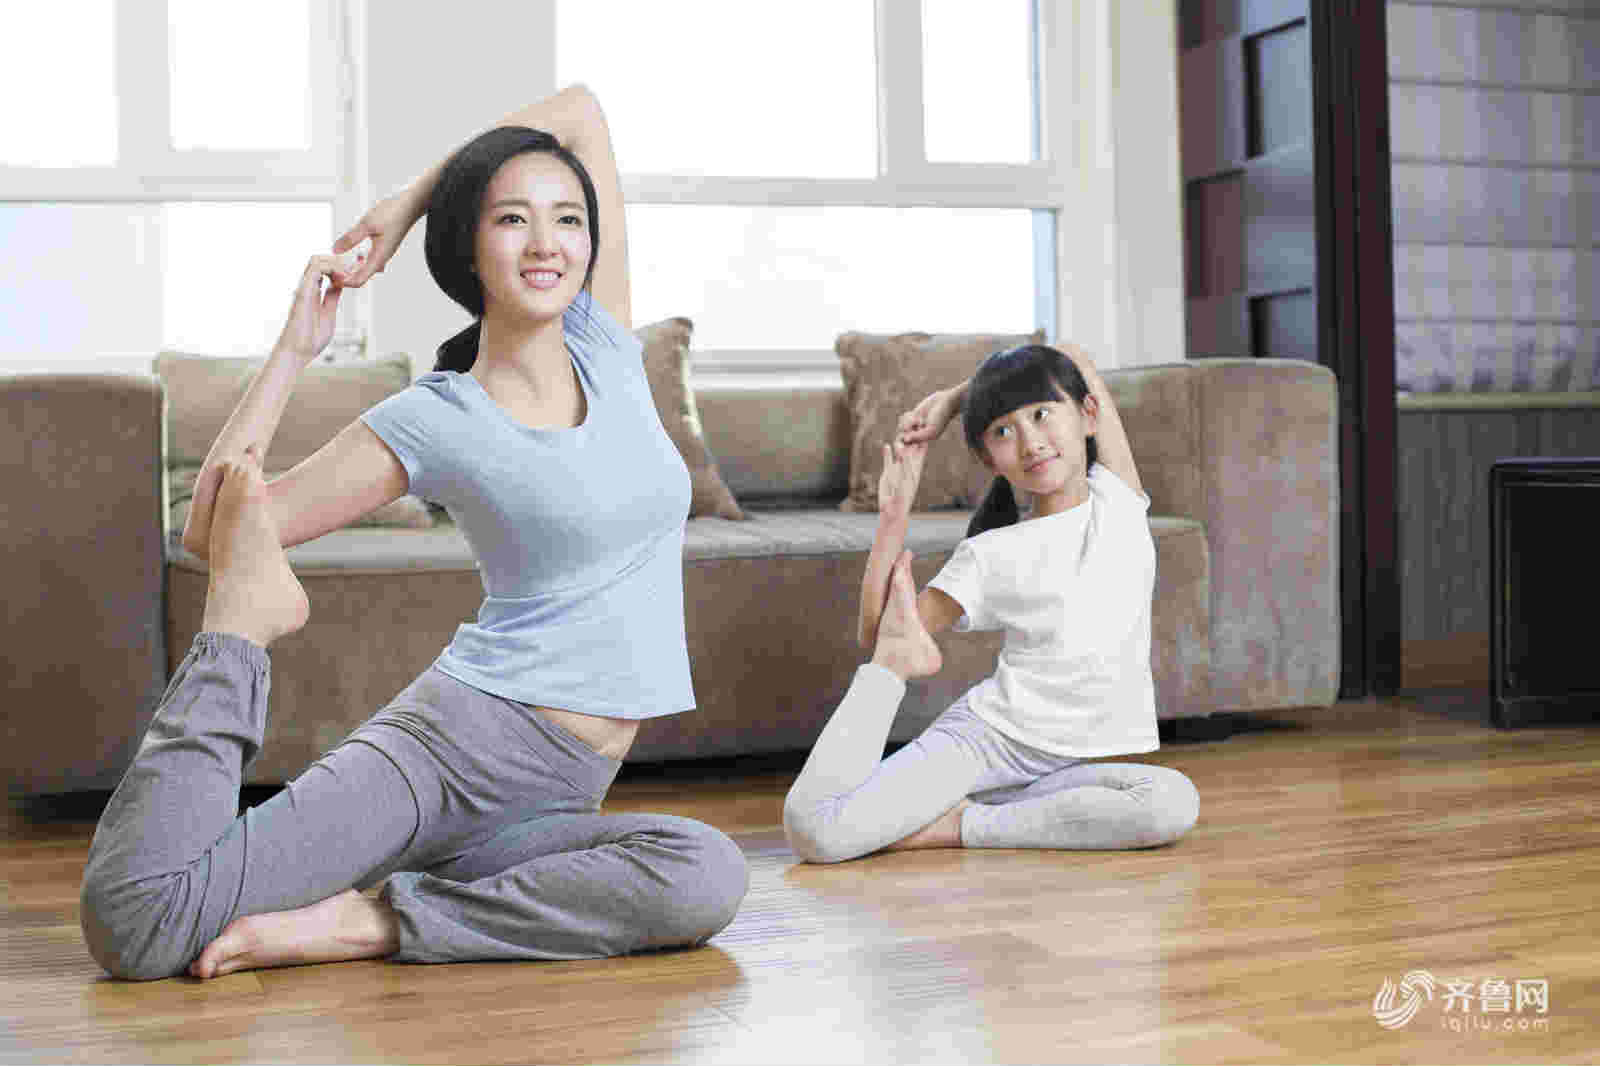 龙口市发布《中小学生居家锻炼指南》